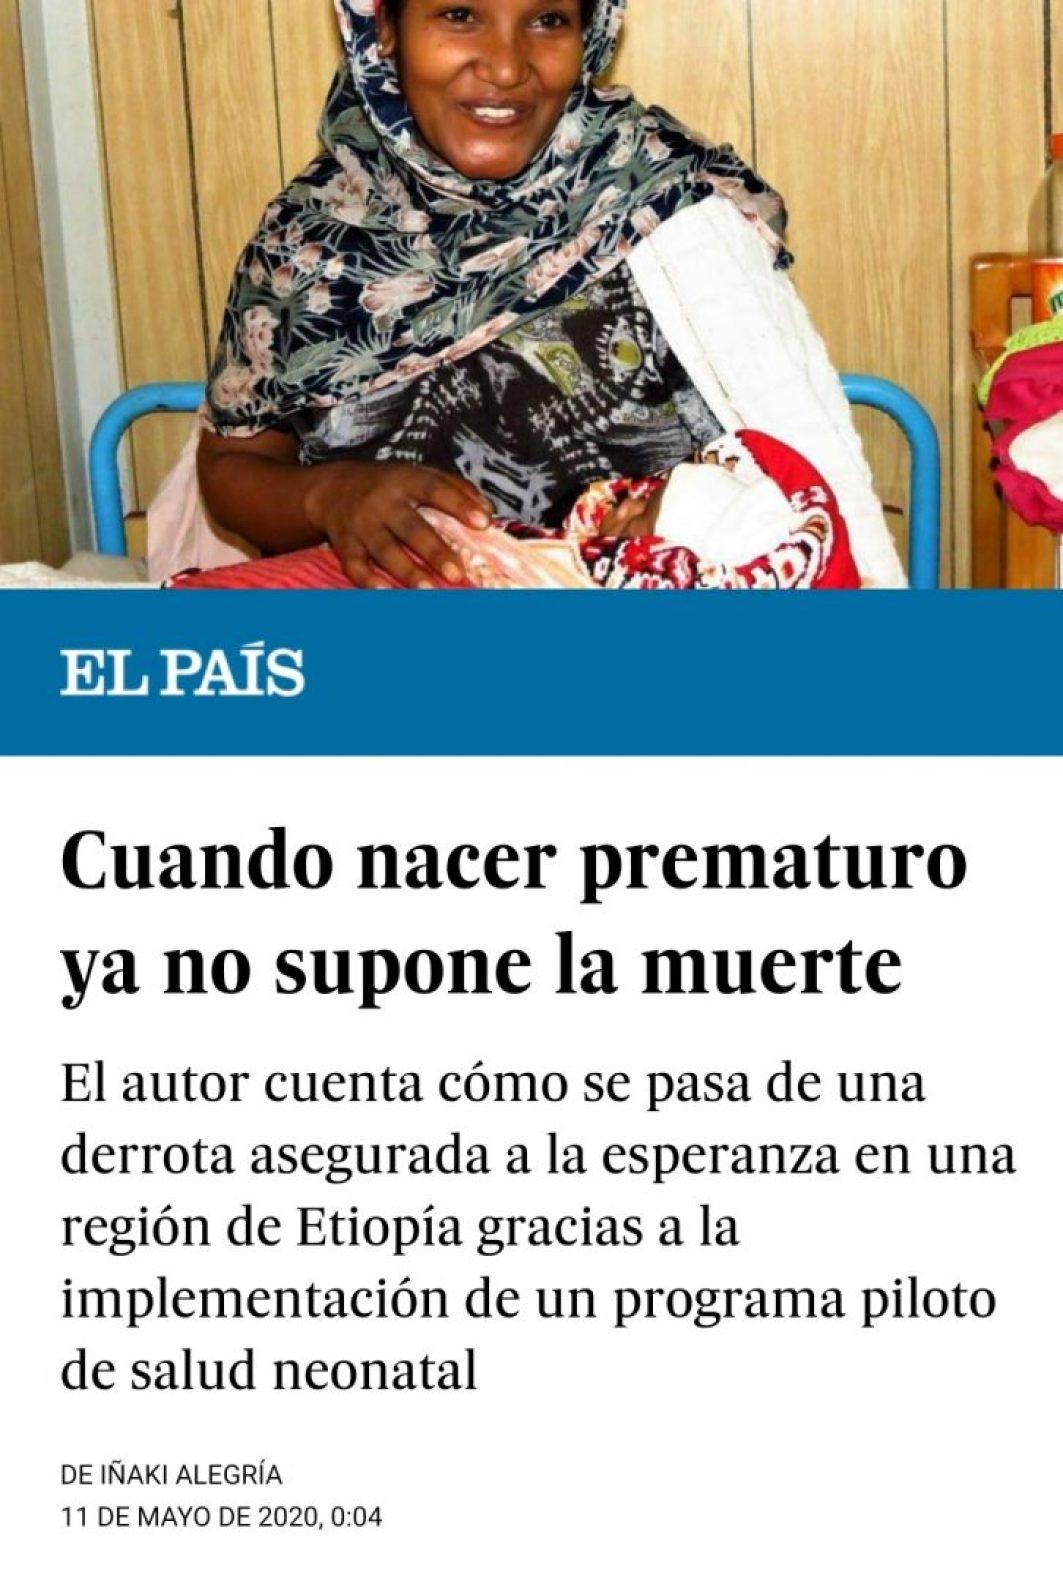 El País Planeta Futuro se hace eco de los avances del programa materno-infantil en Gambo, Etiopía africa dr alegria